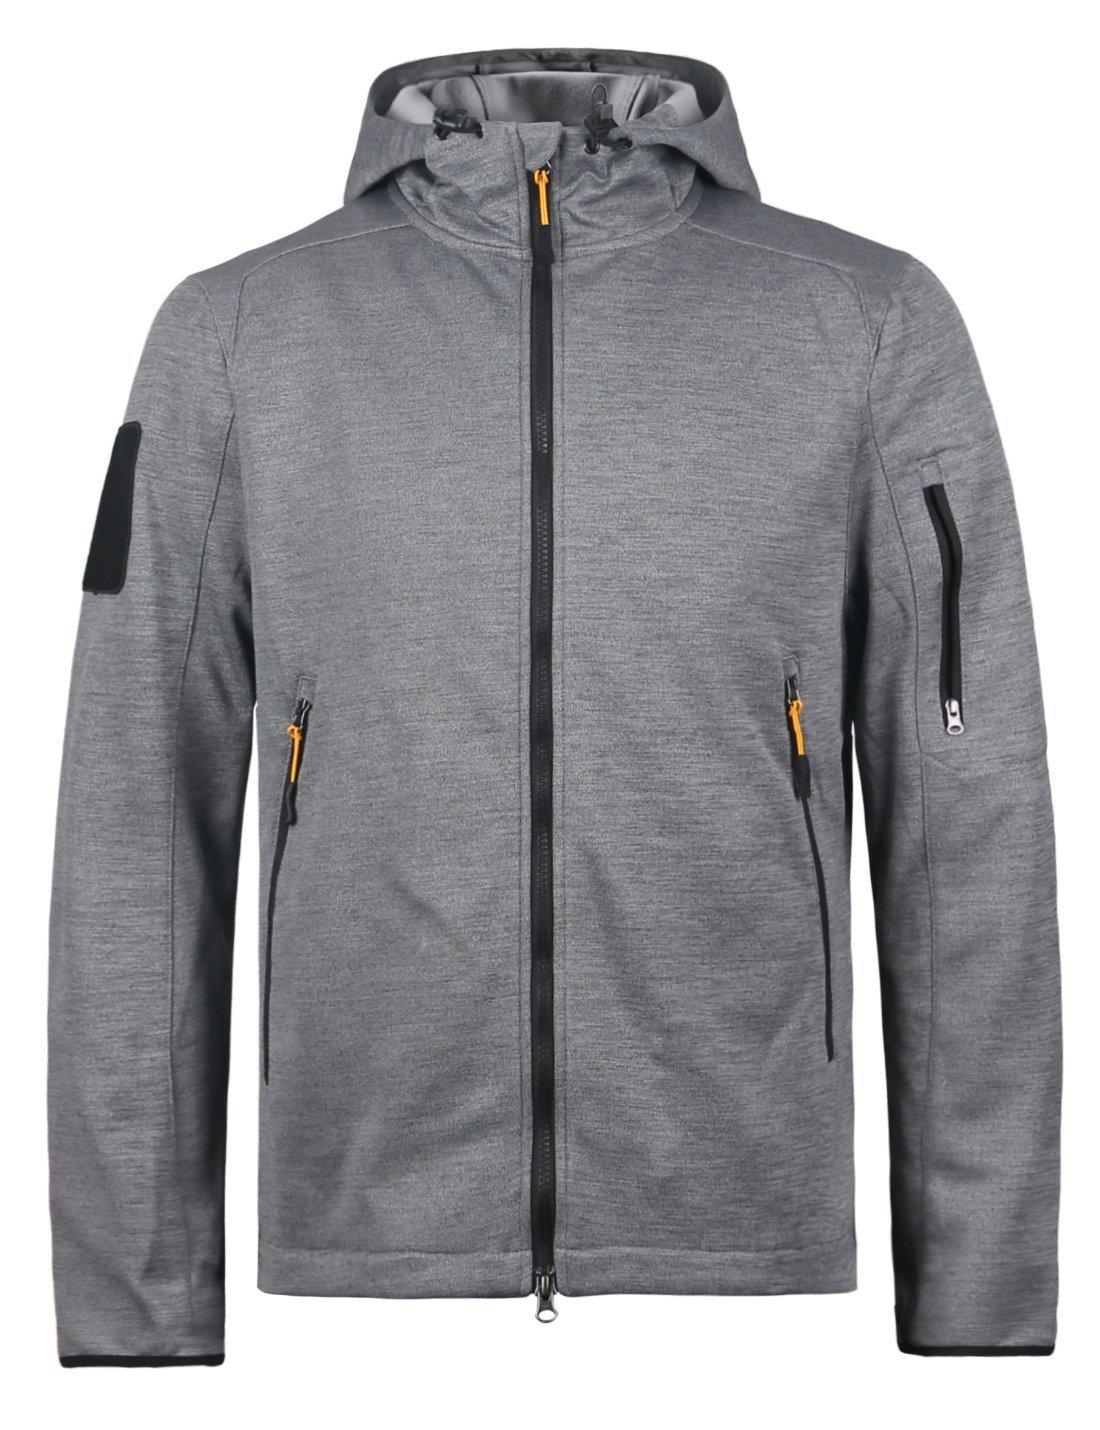 HARD LAND Men's Full Zip Up Hoodie Water Resistant Fleece Jacket Midweight Tactical Hooded Sweatshirt Grey Size XXXL